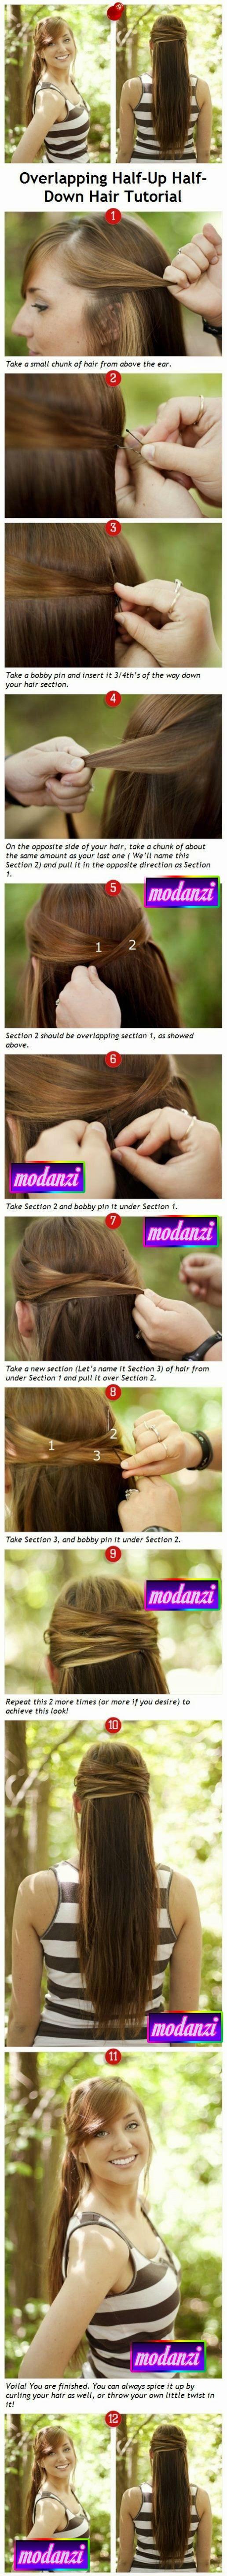 Örgü Bağlı Düz Saç Modeli Nasıl Yapılır ? (Resimli Anlatım)